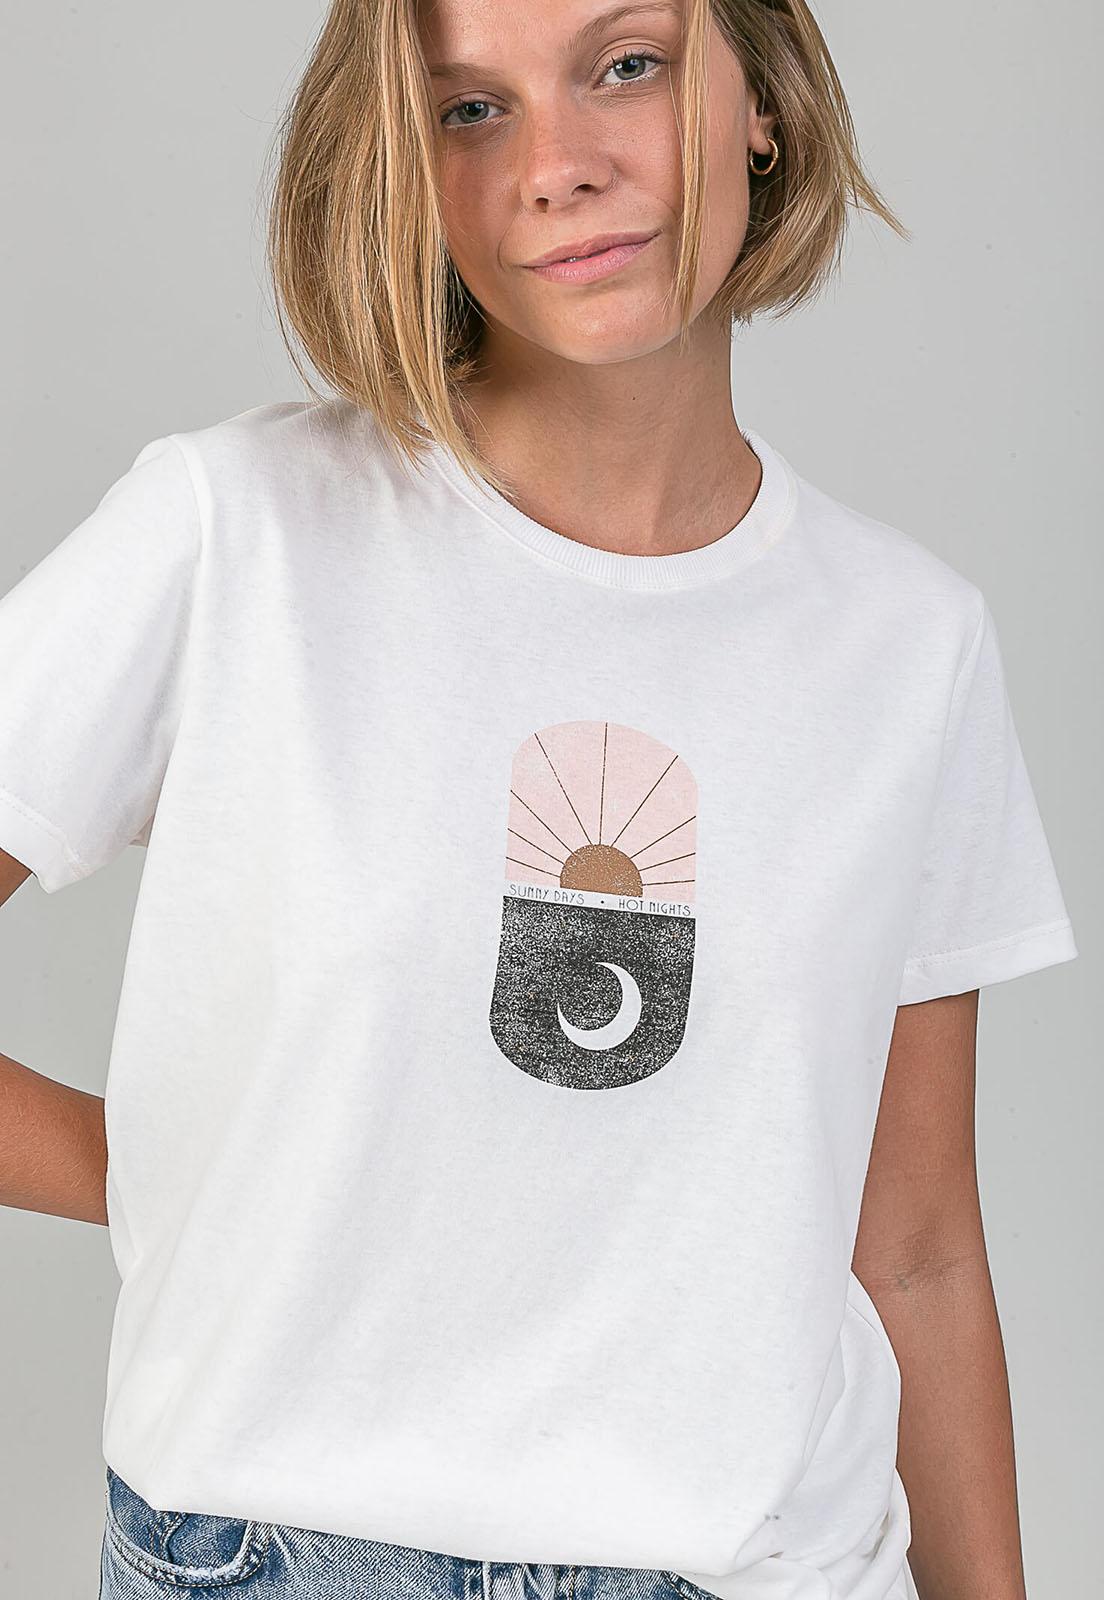 T-shirt Hot Nights melty